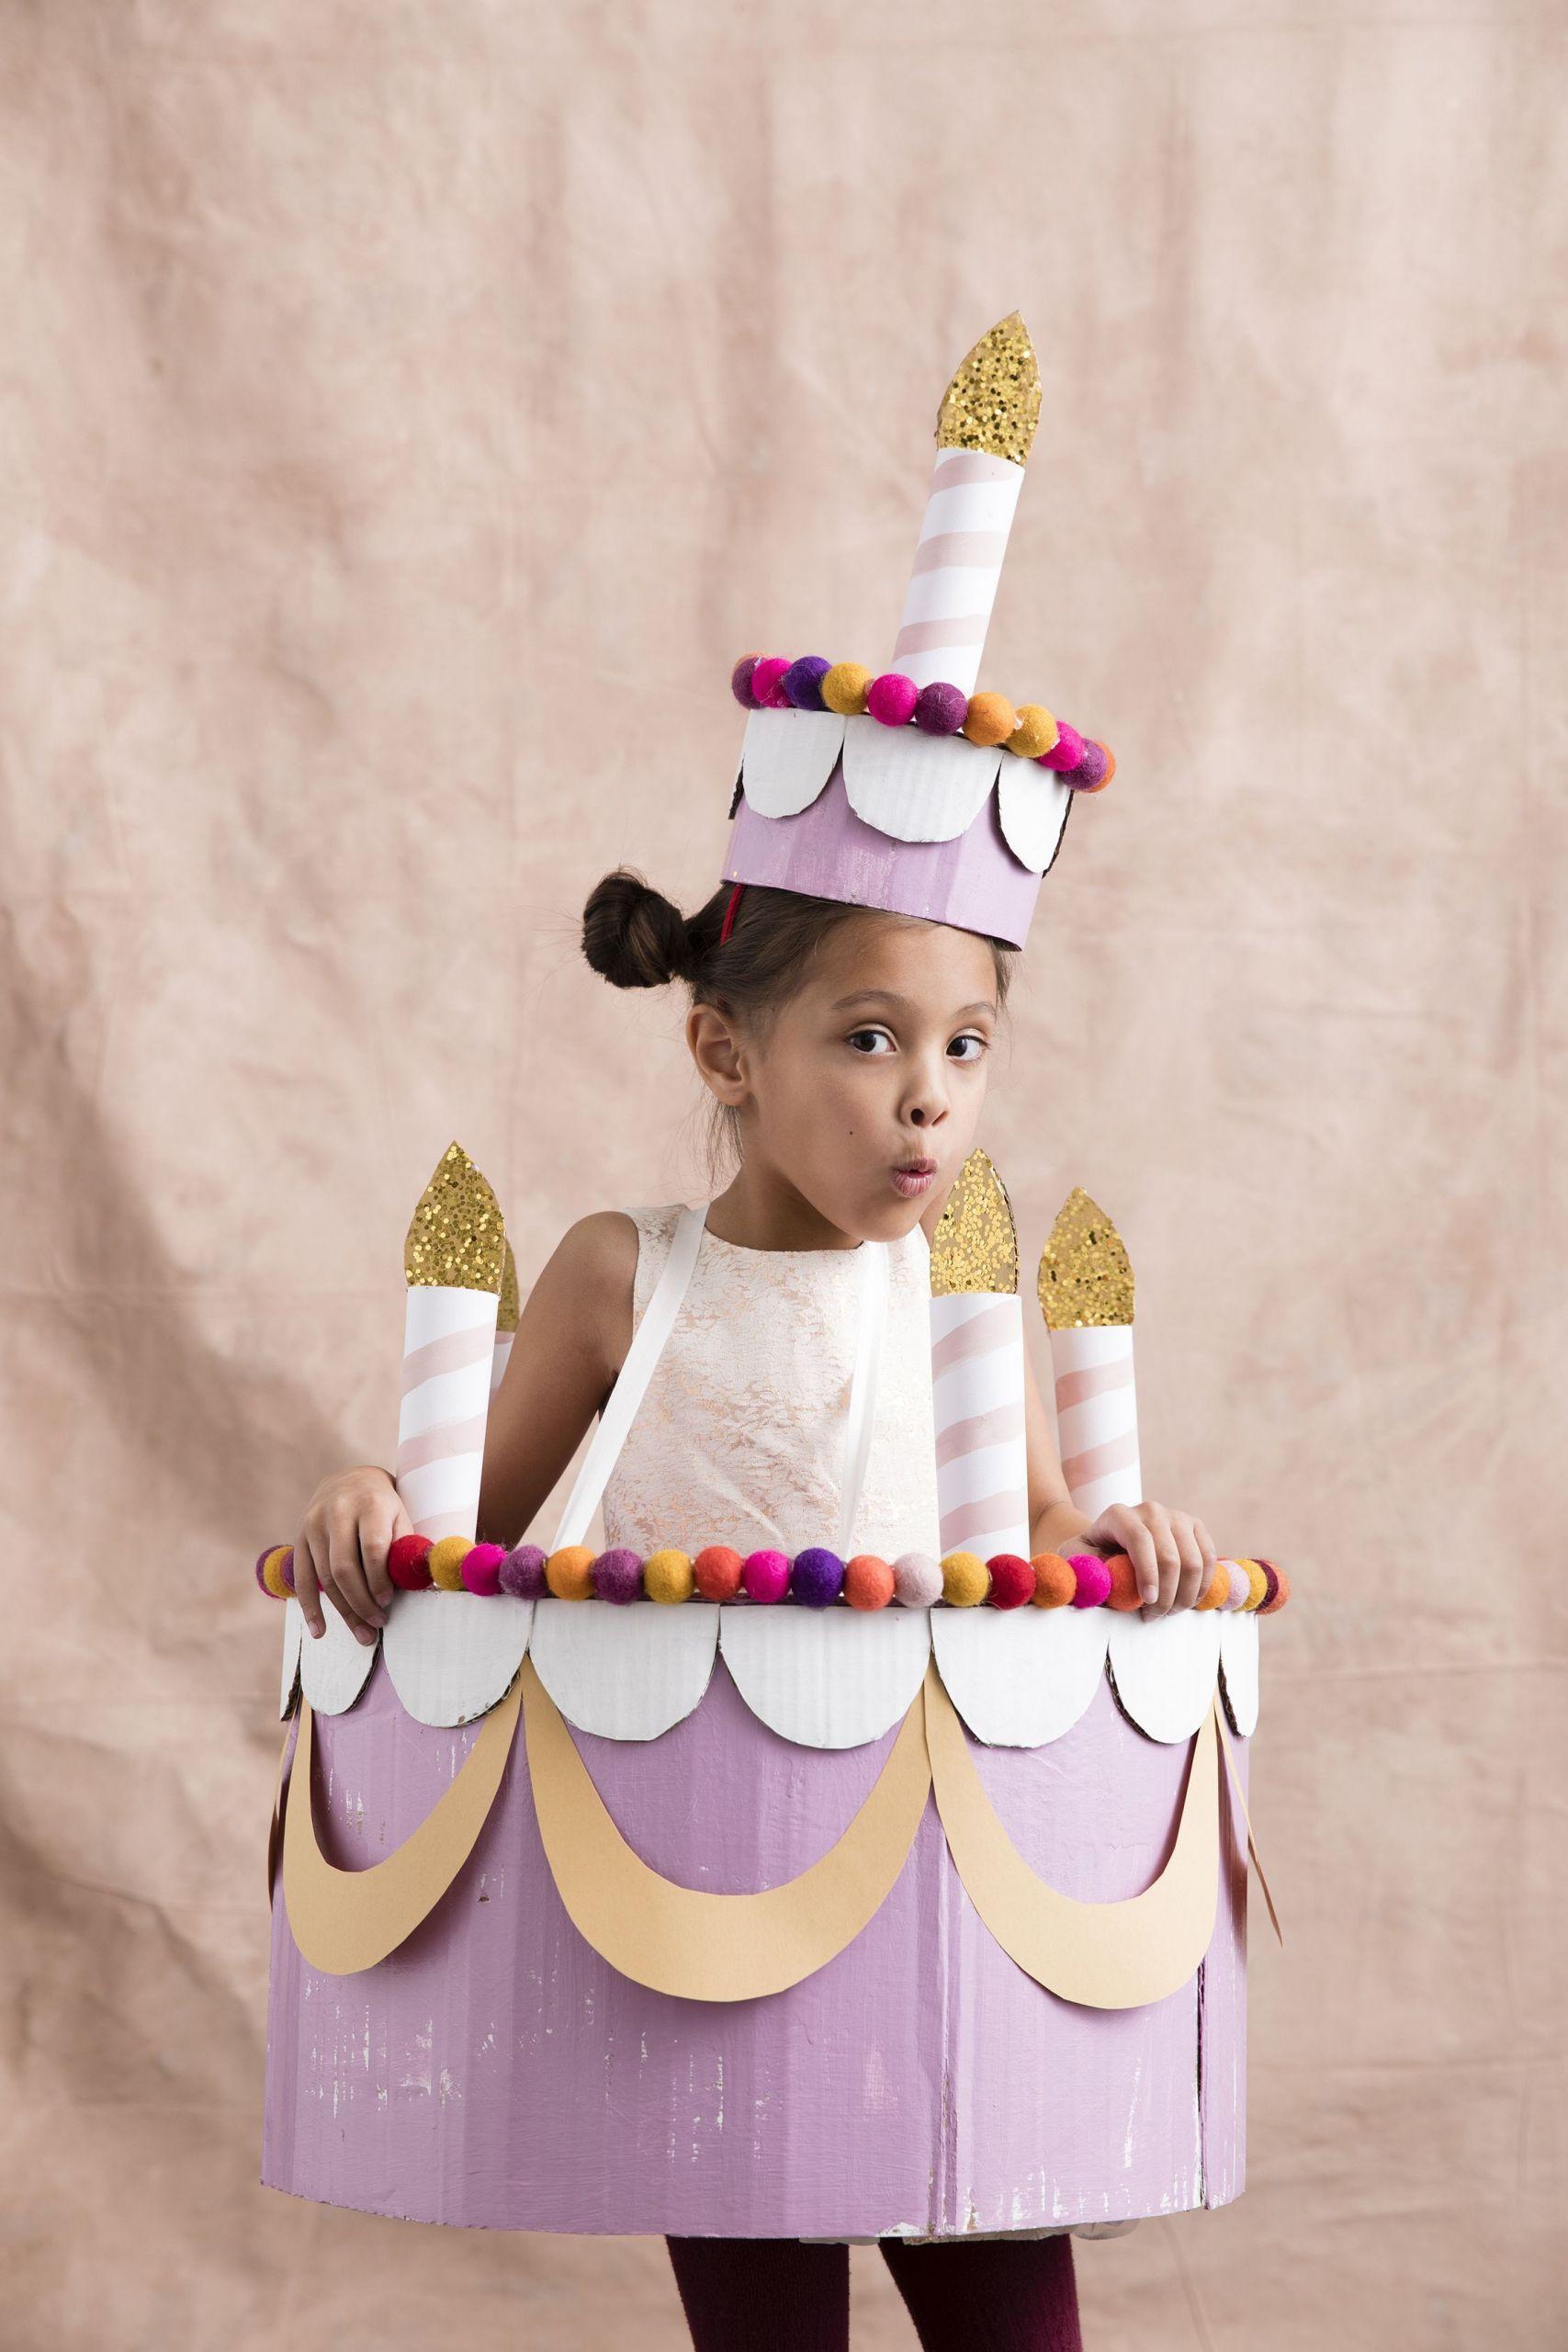 Birthday Cake Halloween Costume  birthday cake costume